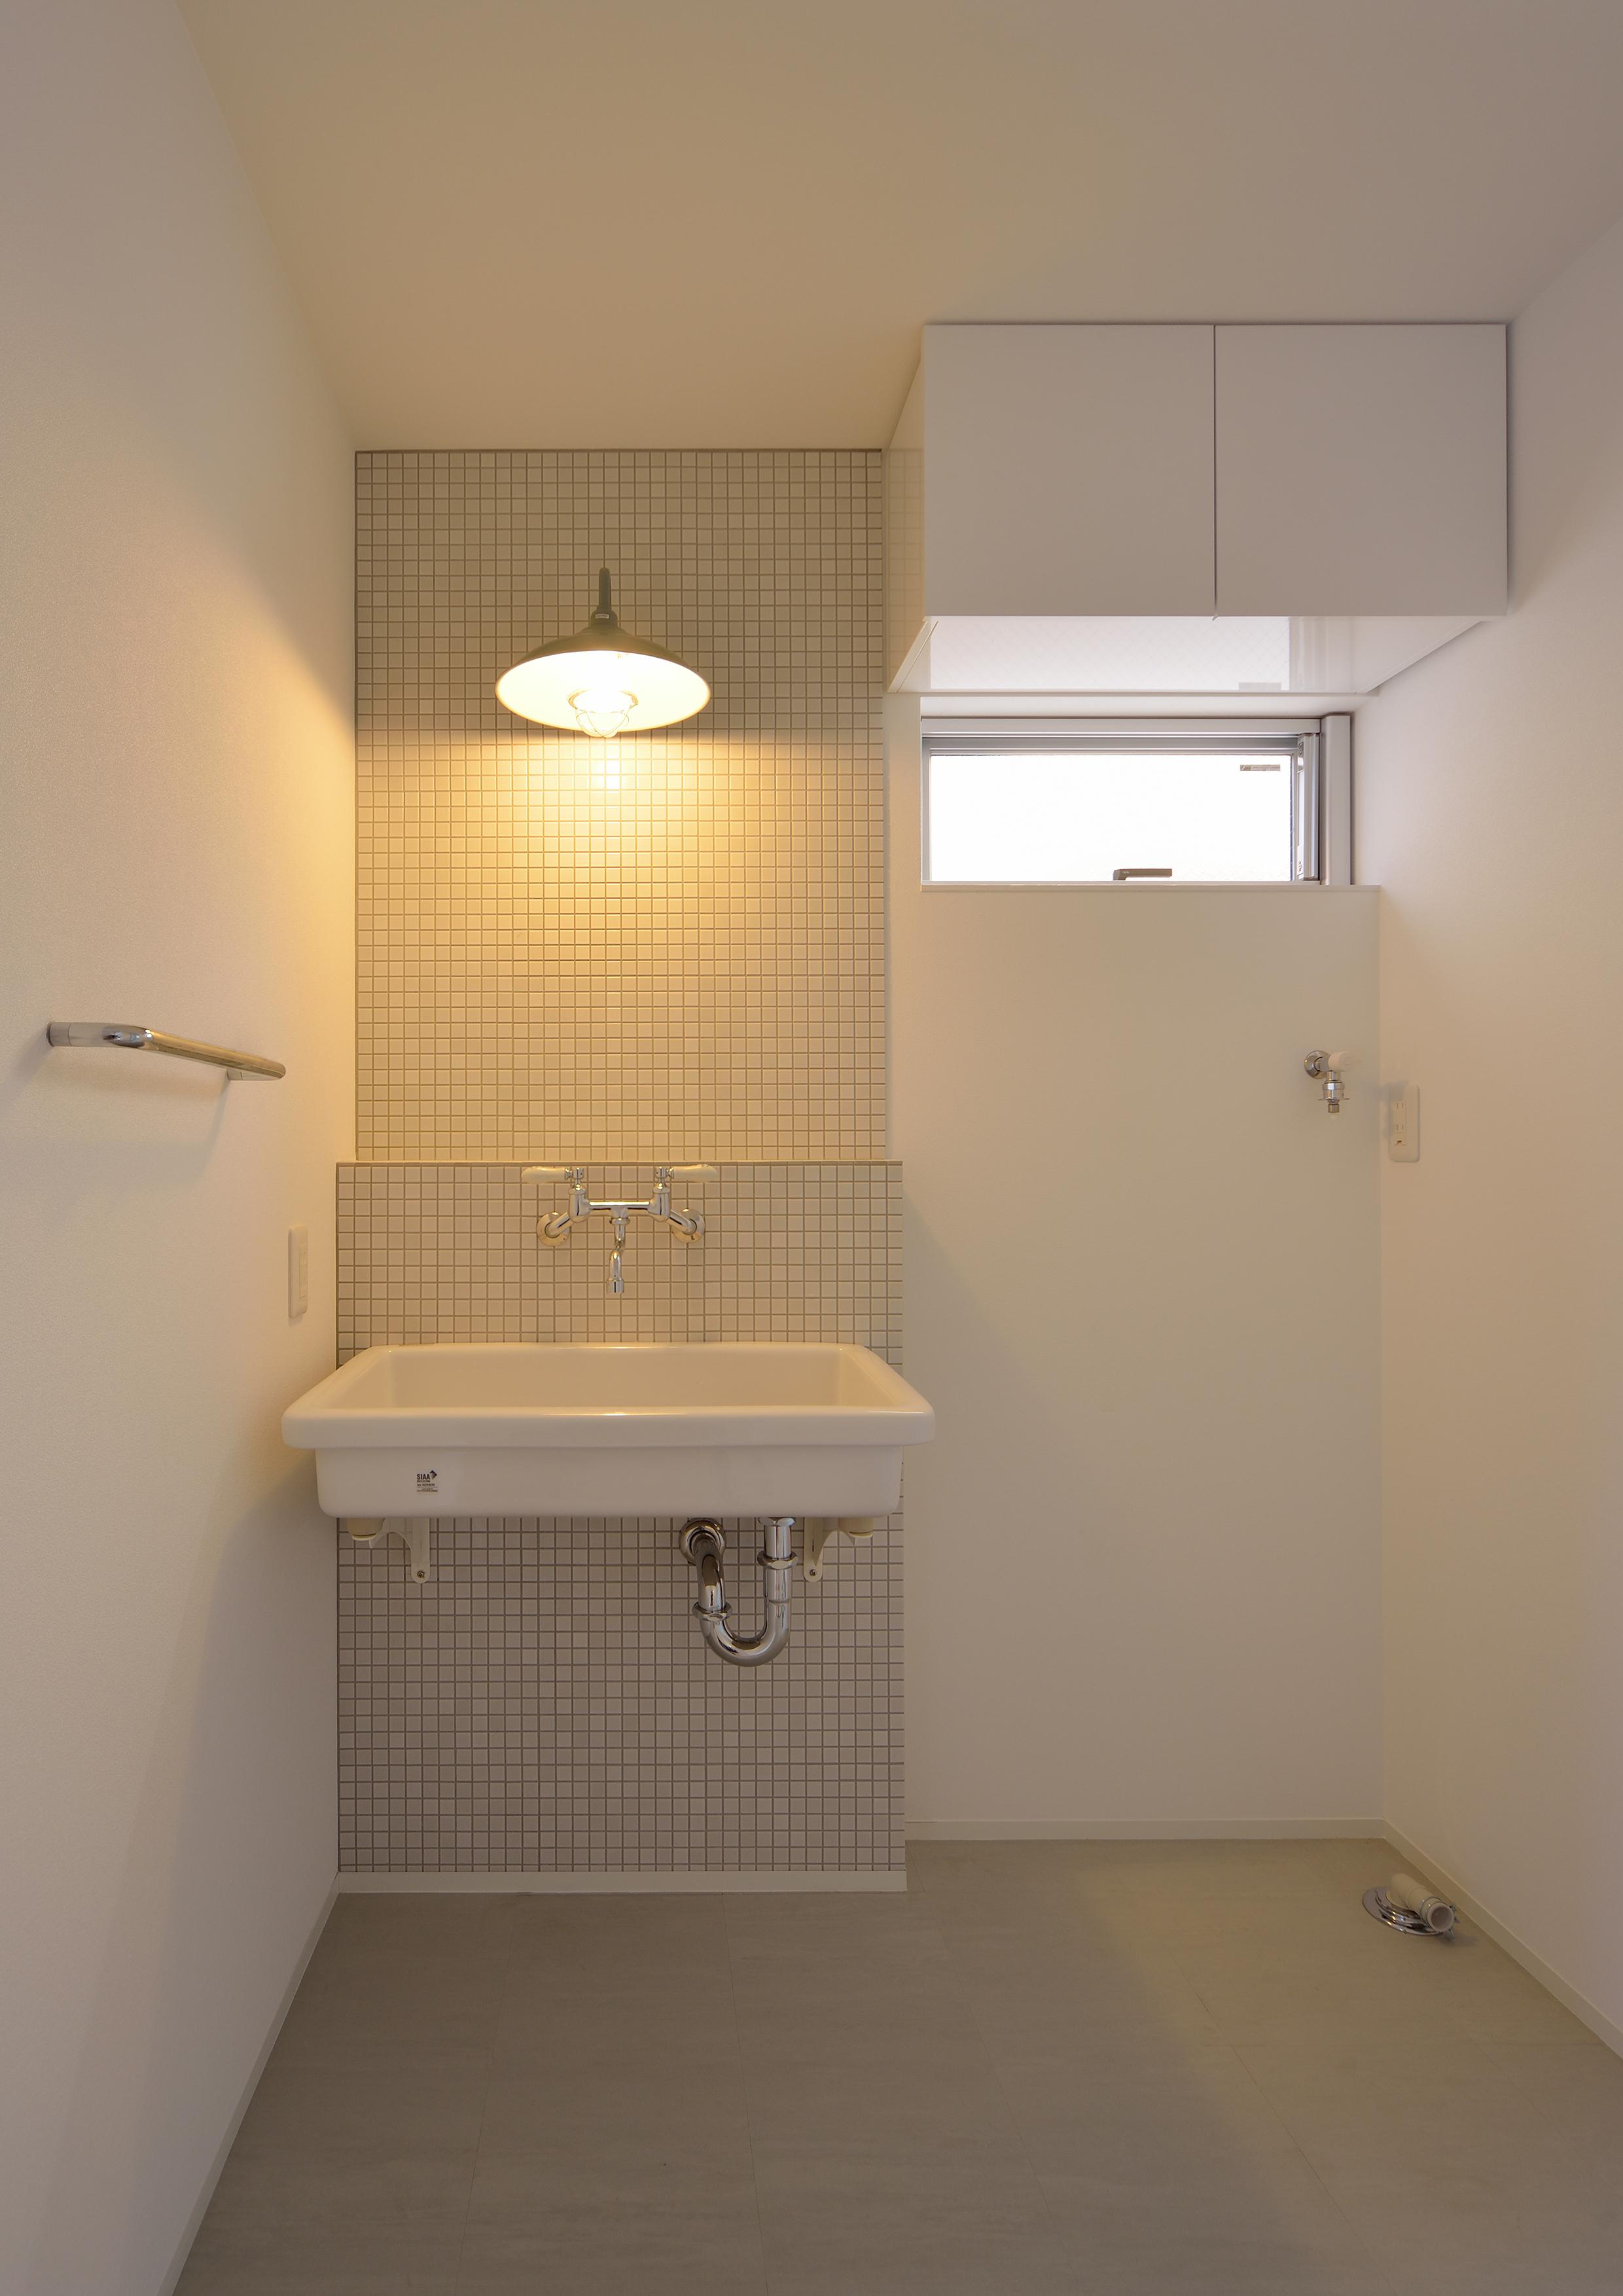 モザイクタイルや業務用洗面台が個性ある照明と共存する浴室・洗面所 Fevecasa フェブカーサ